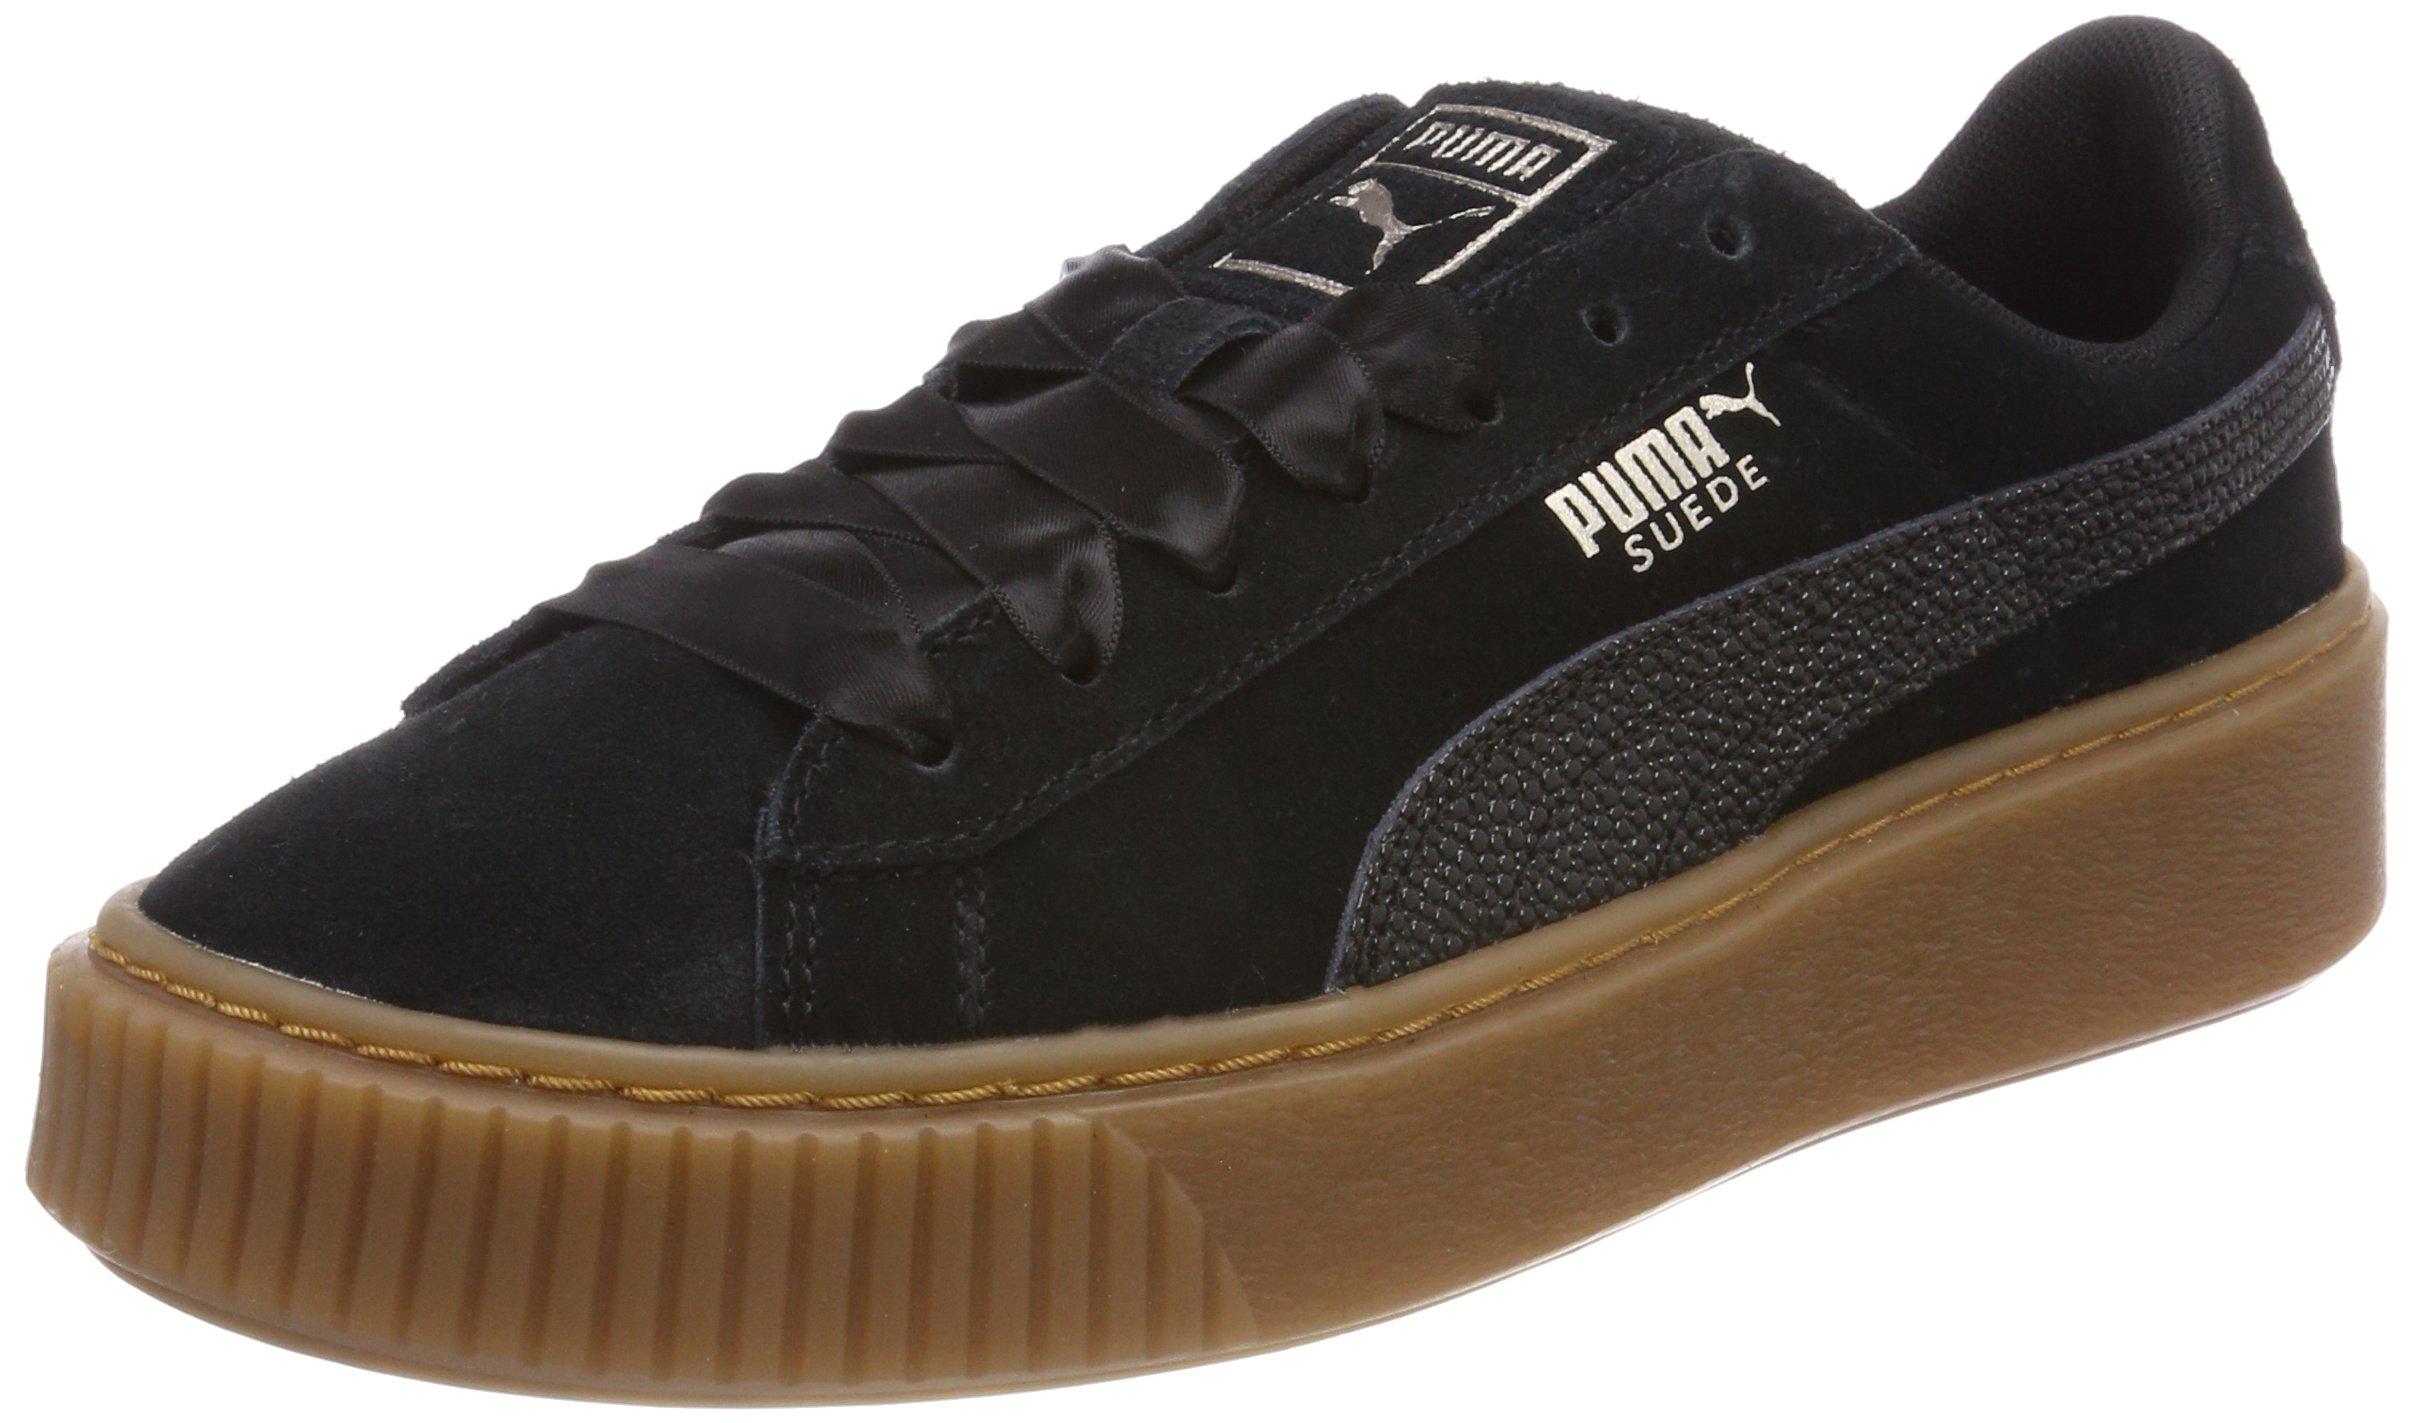 5 Bubble Wn'sSneakers Platform Eu Suede Basses Puma FemmeNoir Black42 qUMVzpGS